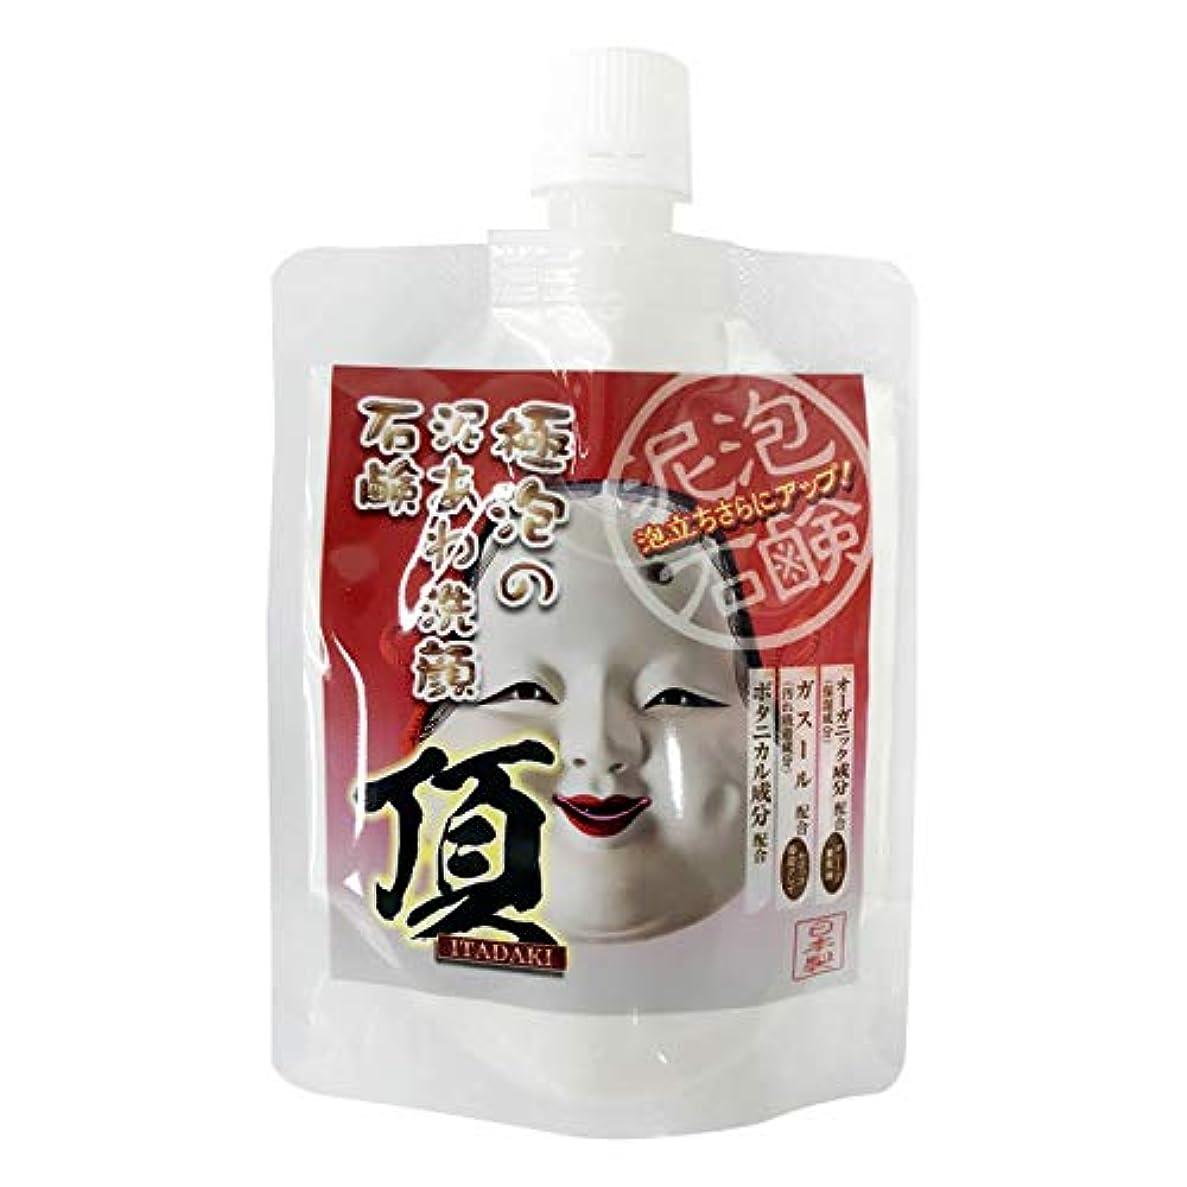 居心地の良い中央署名極泡の泥あわ洗顔石鹸 頂 130g ガスール 豆乳 ボタニカル 酒粕 エキス配合